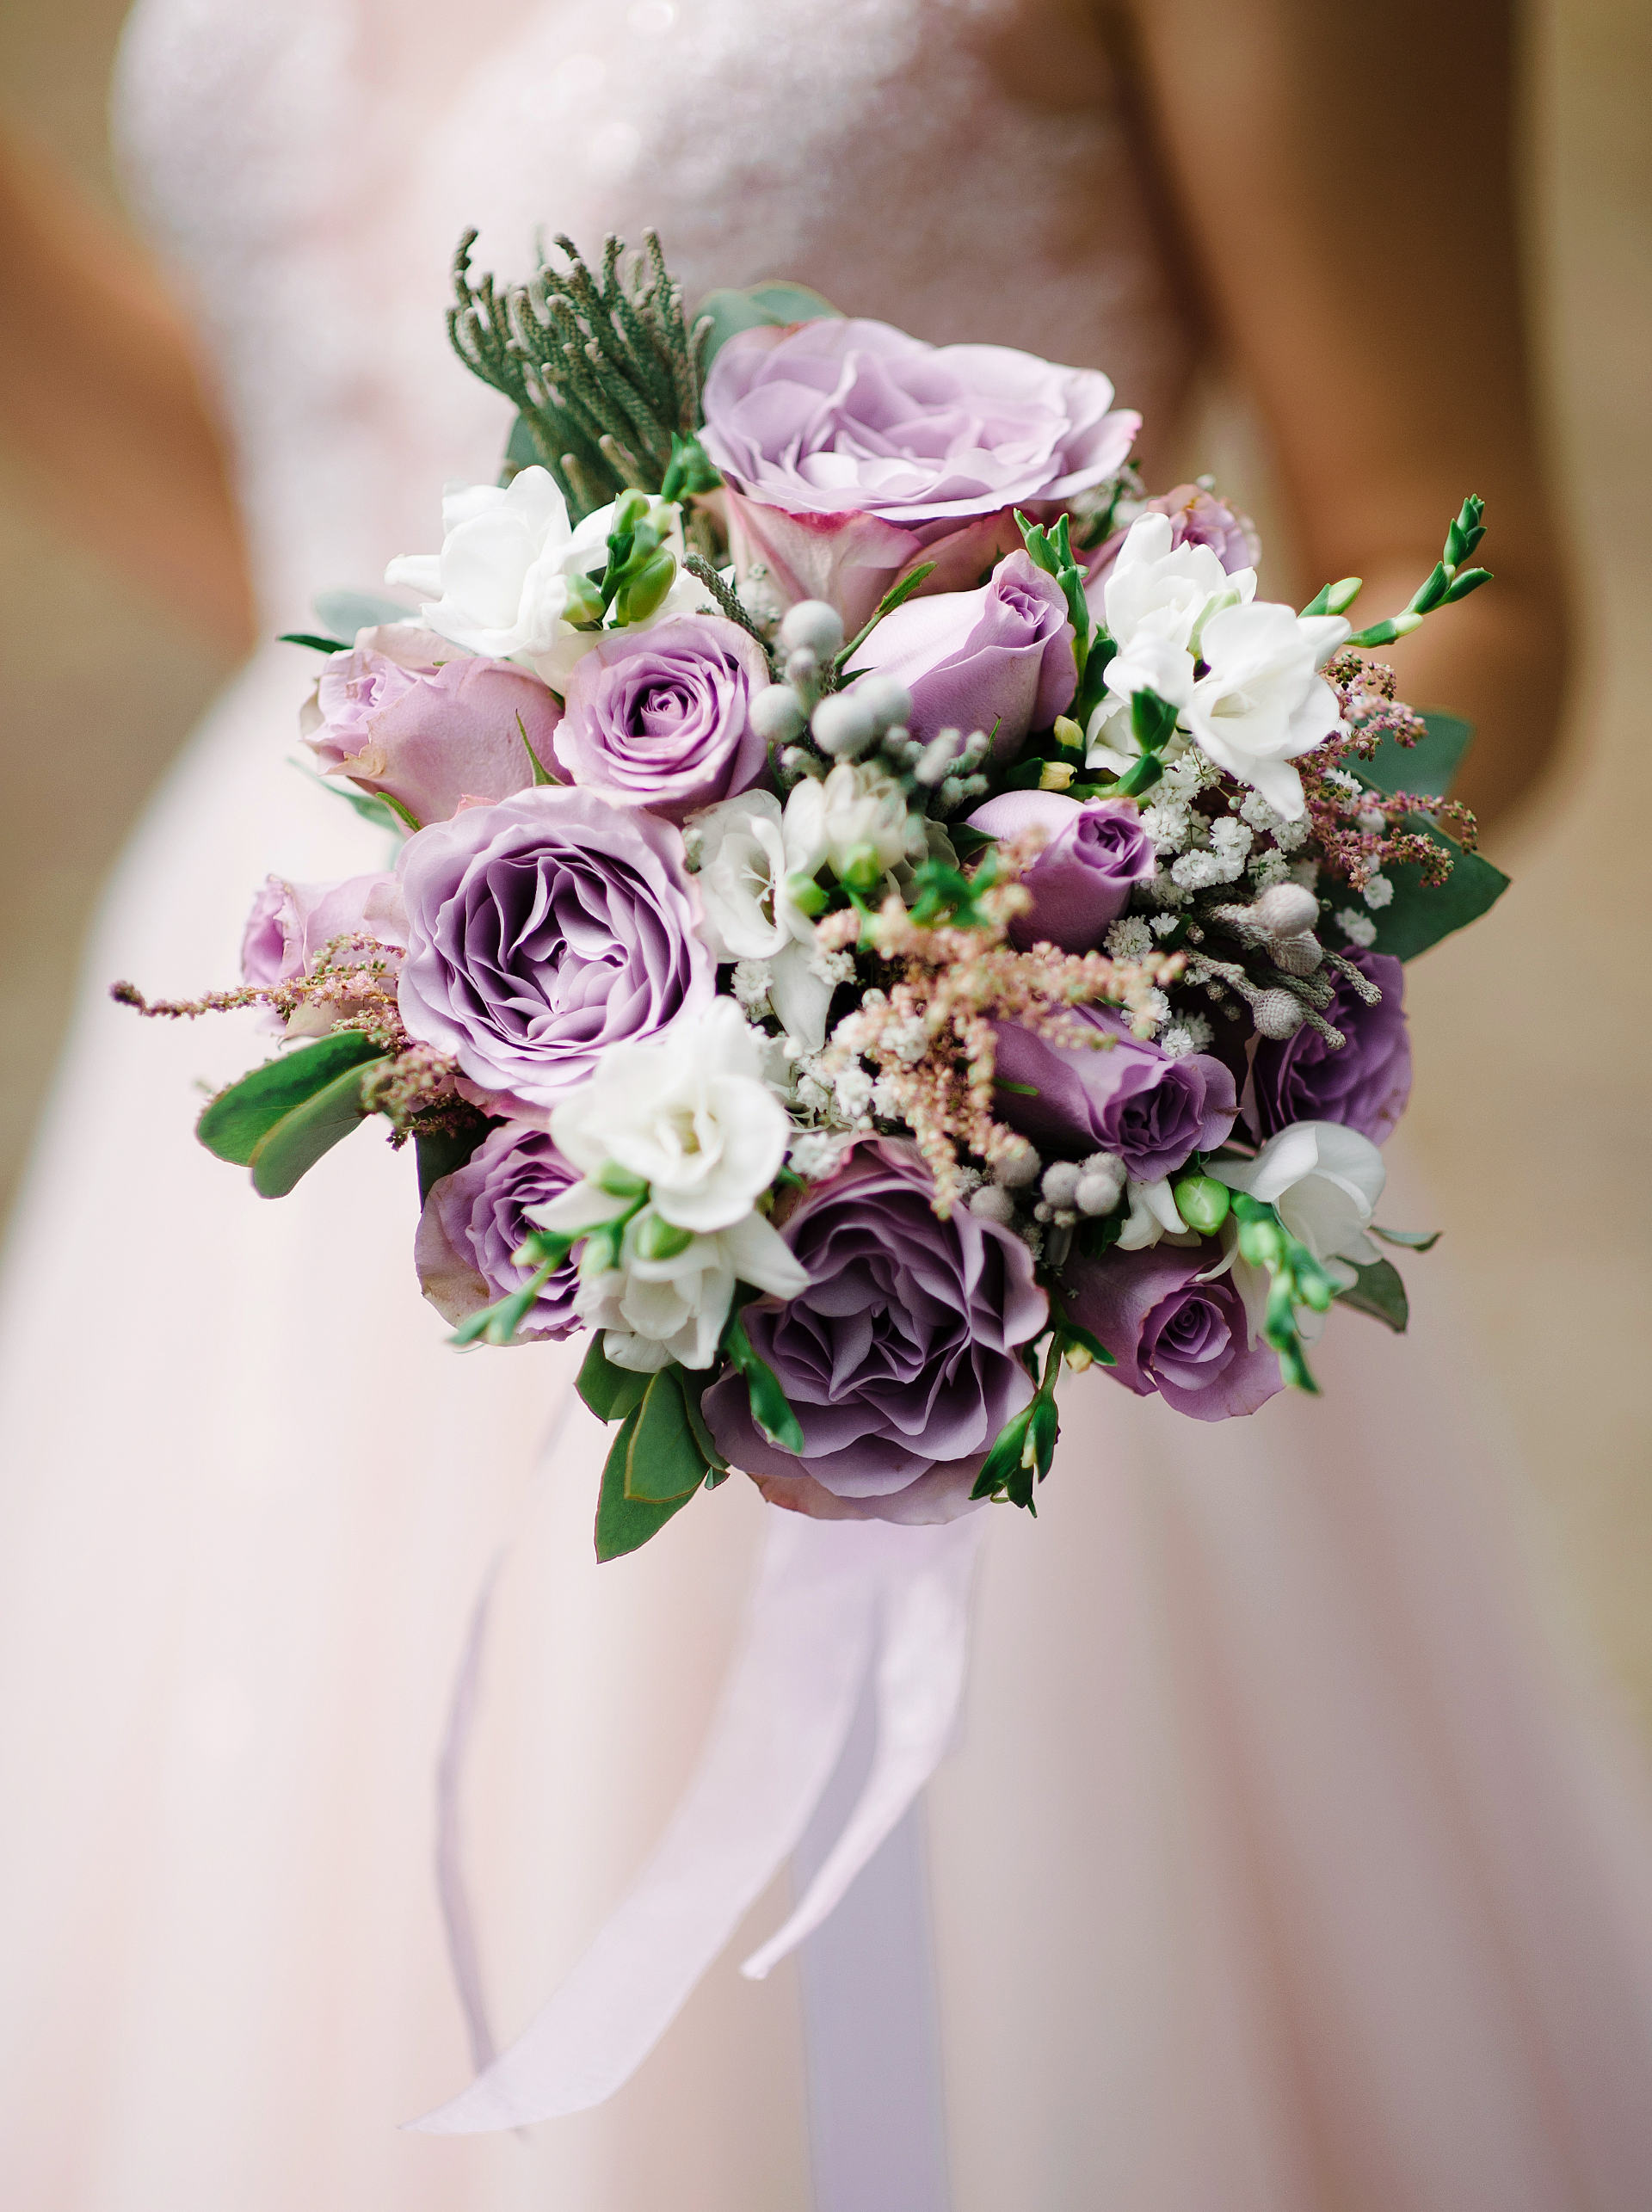 Colores en tendencia para bodas de 2021 - Lavanda